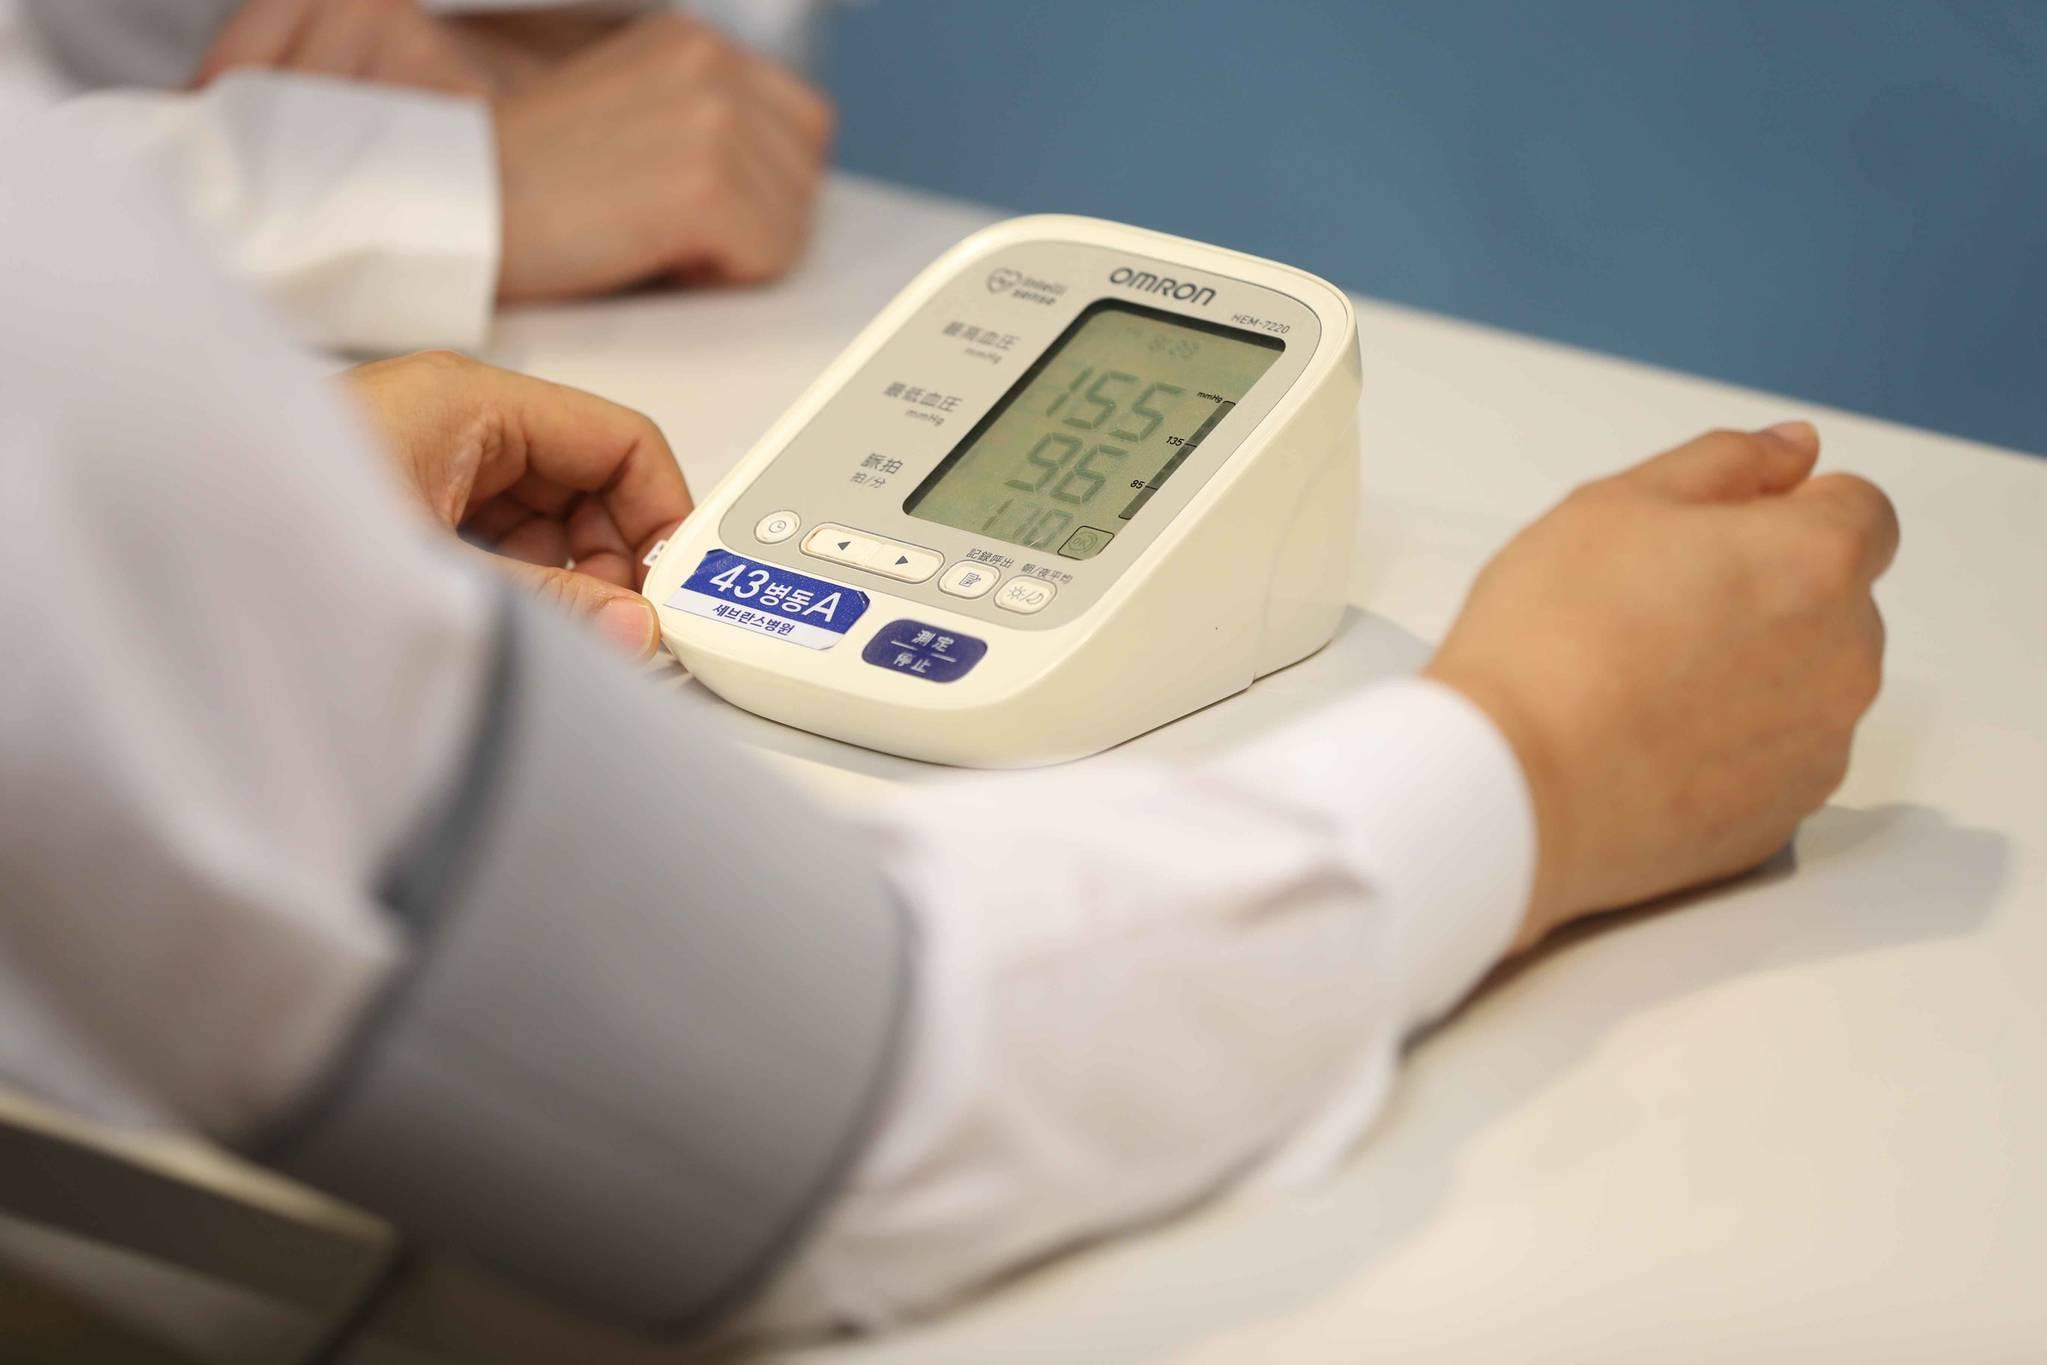 서울 신촌 세브란스병원에서 한 고혈압 환자가 혈압을 재고 있다. 지난해 고혈압 기준이 내려간 미국과 달리 우리는 현행 기준을 유지키로 했다. [중앙포토]